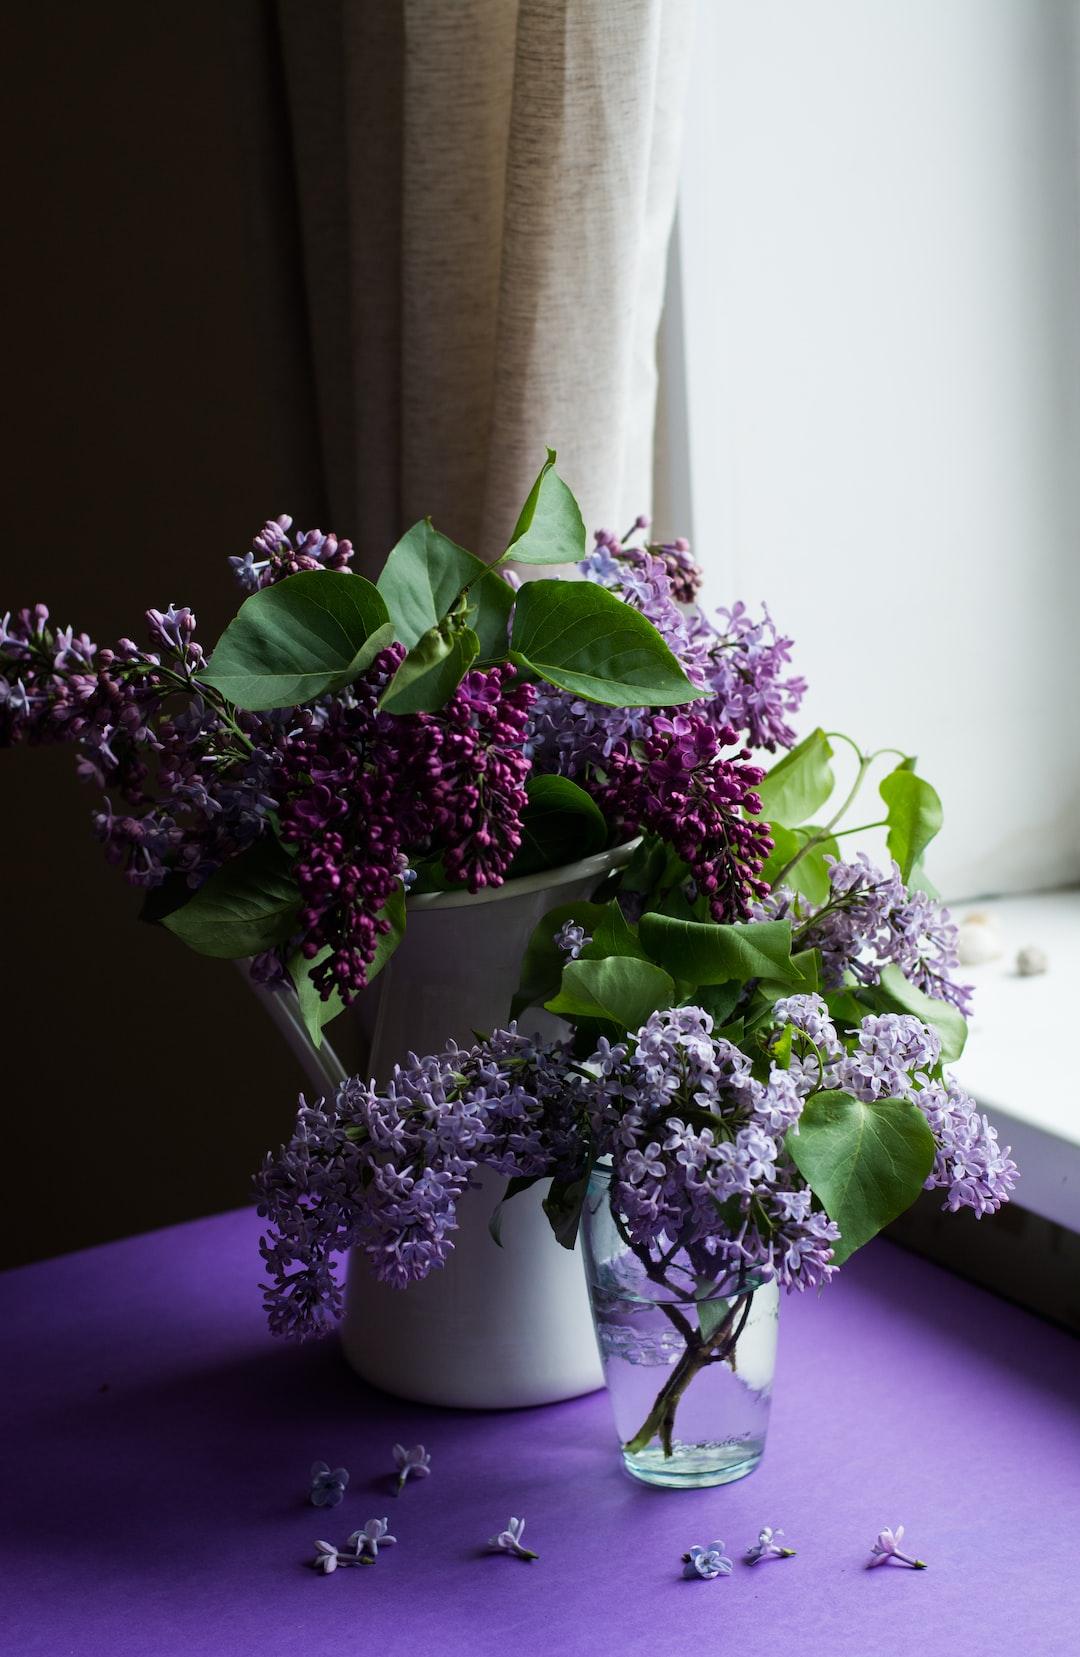 Fragrant lilac by a windowsill